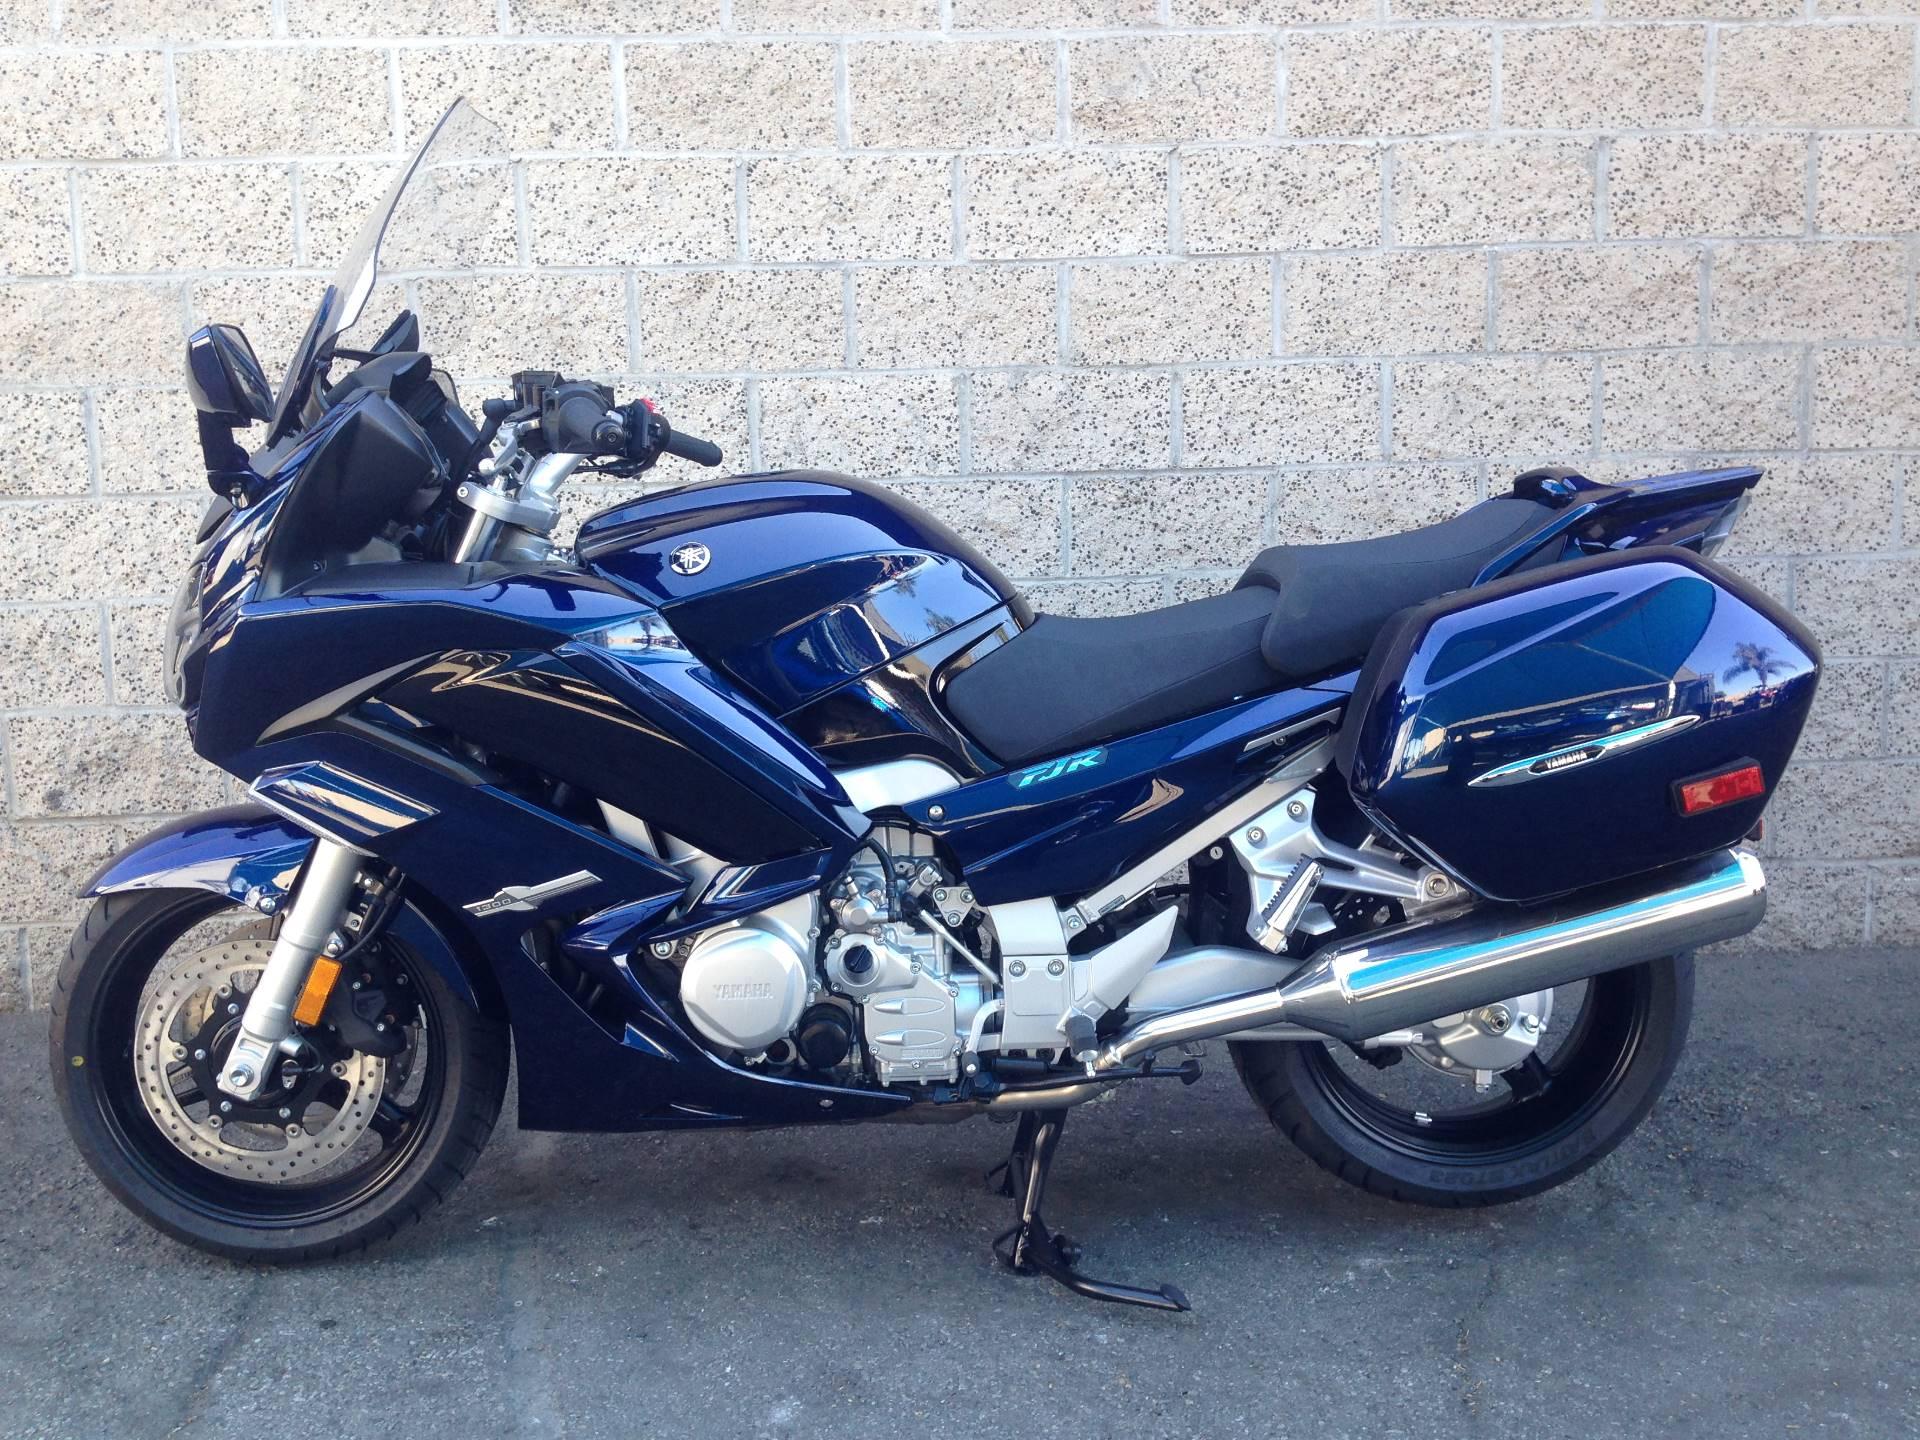 2016 Yamaha FJR1300A for sale 79621